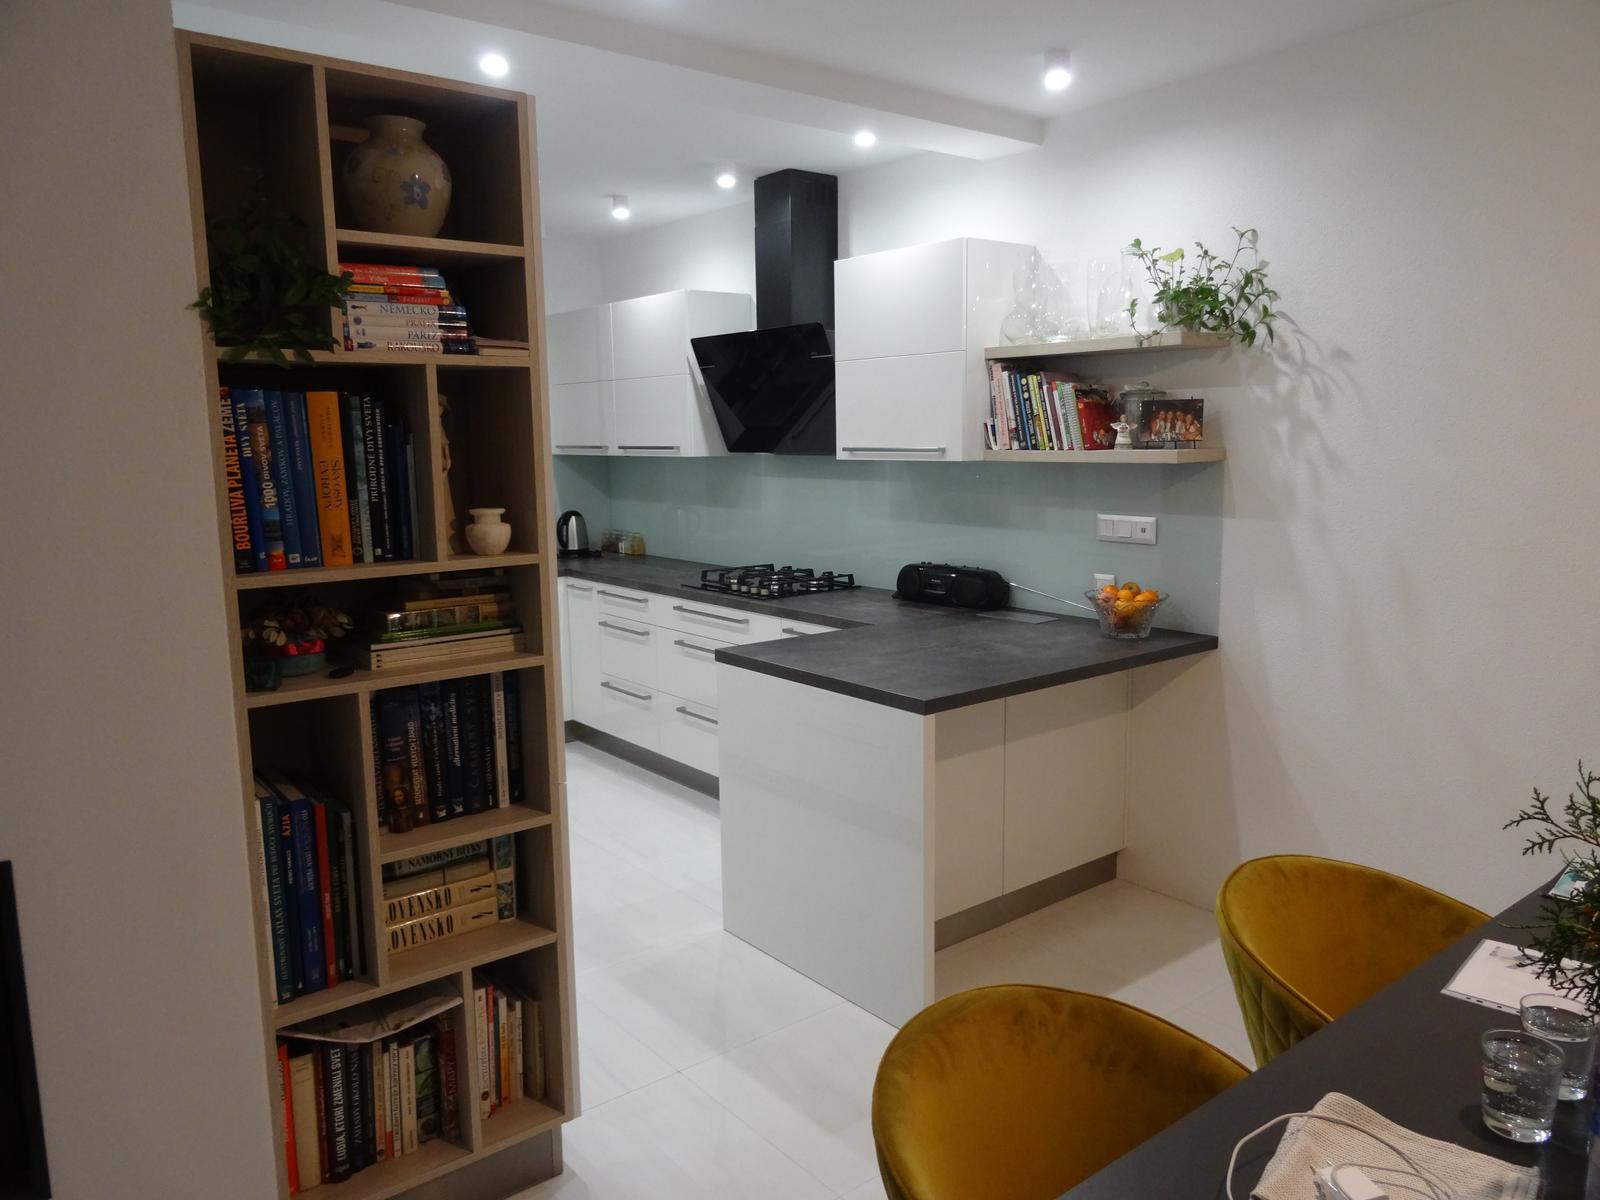 Realizované kuchyne-rodinný dom 2 - Realizácia kuchynskej linky do rodinného domu - Budča - akryl vysoký lesk -obr.1